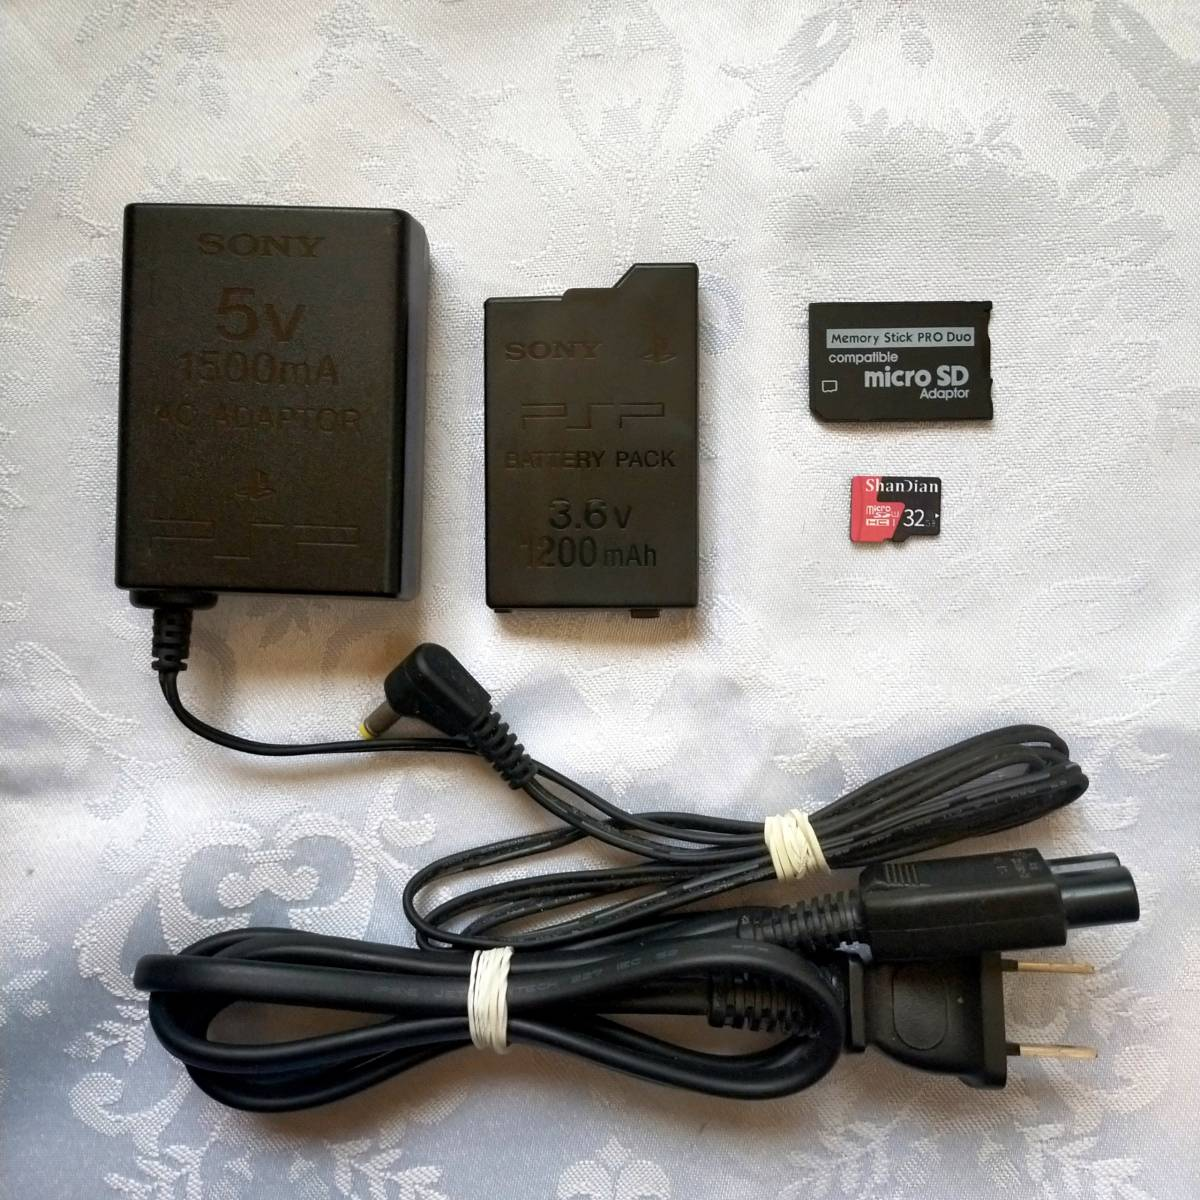 PSP 3000 すぐ遊べるセット(レッド) 32GB(メモリースティックアダプター&MicroSDカード)